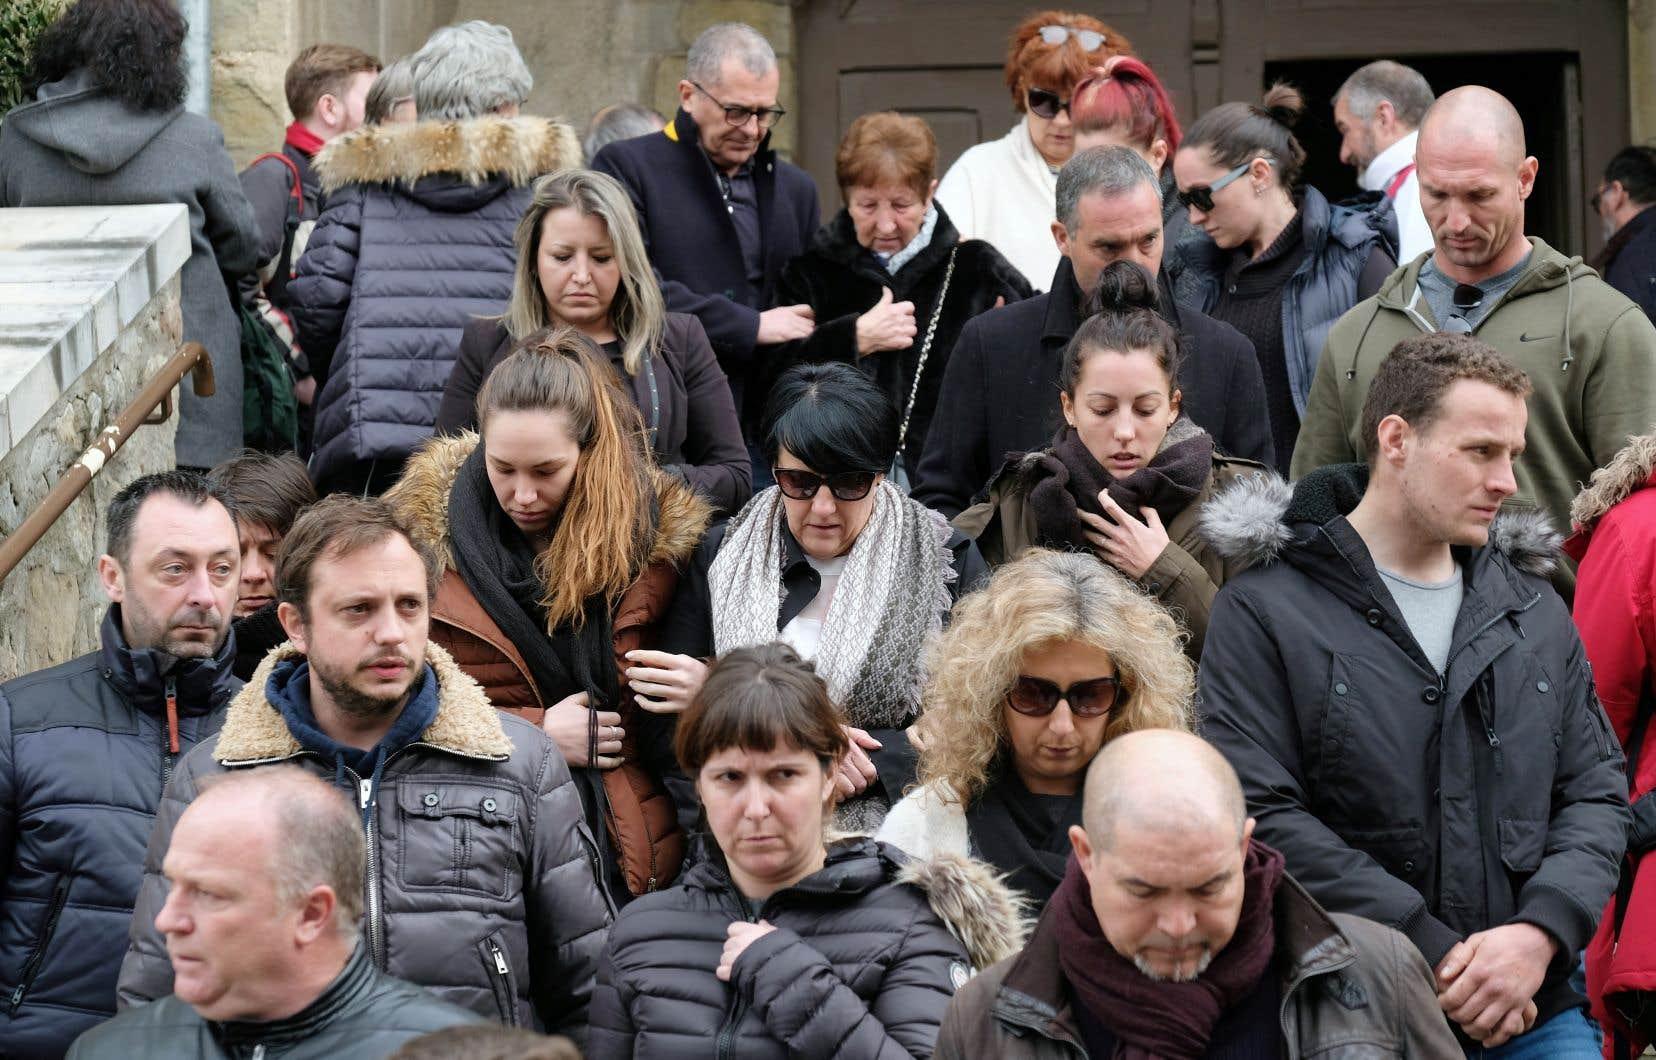 Les habitants de Trèbes et des environs étaient nombreux à assister à la cérémonie tenue par l'évêque Alain Planet.